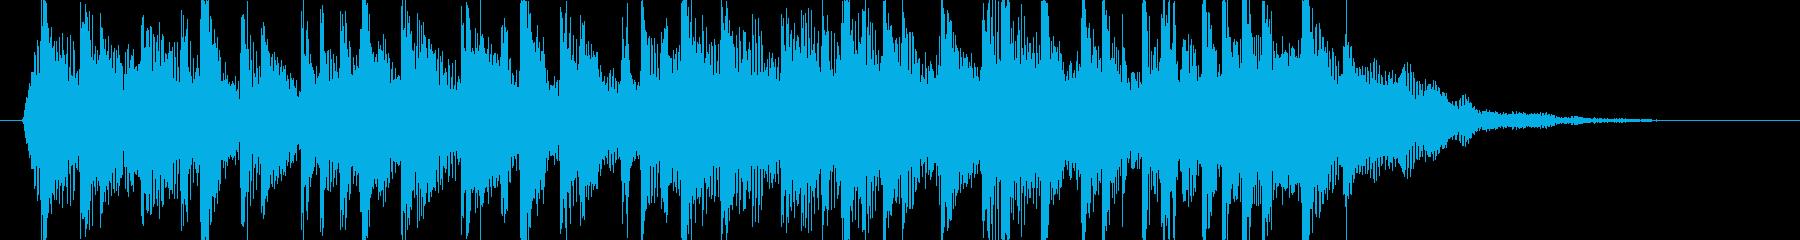 アコギ主体のマイナーなジングルの再生済みの波形